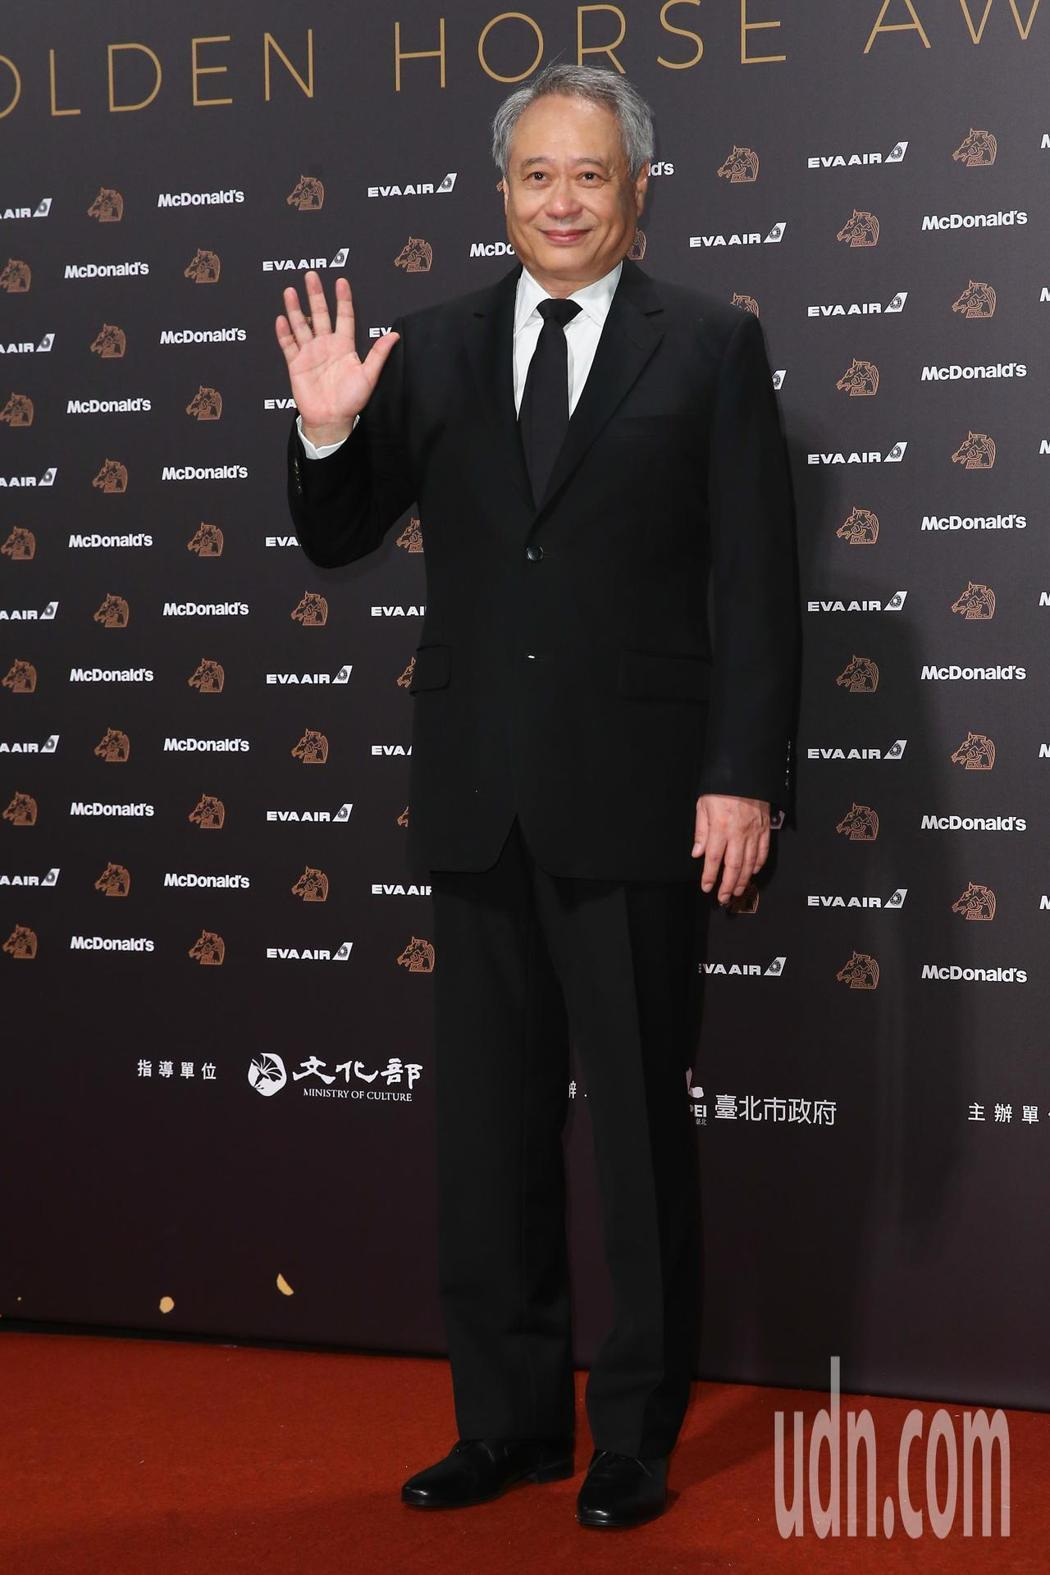 李安得知自己電影將在台灣重映,開心表示「對我深具意義」,並希望在疫情期間,大家多